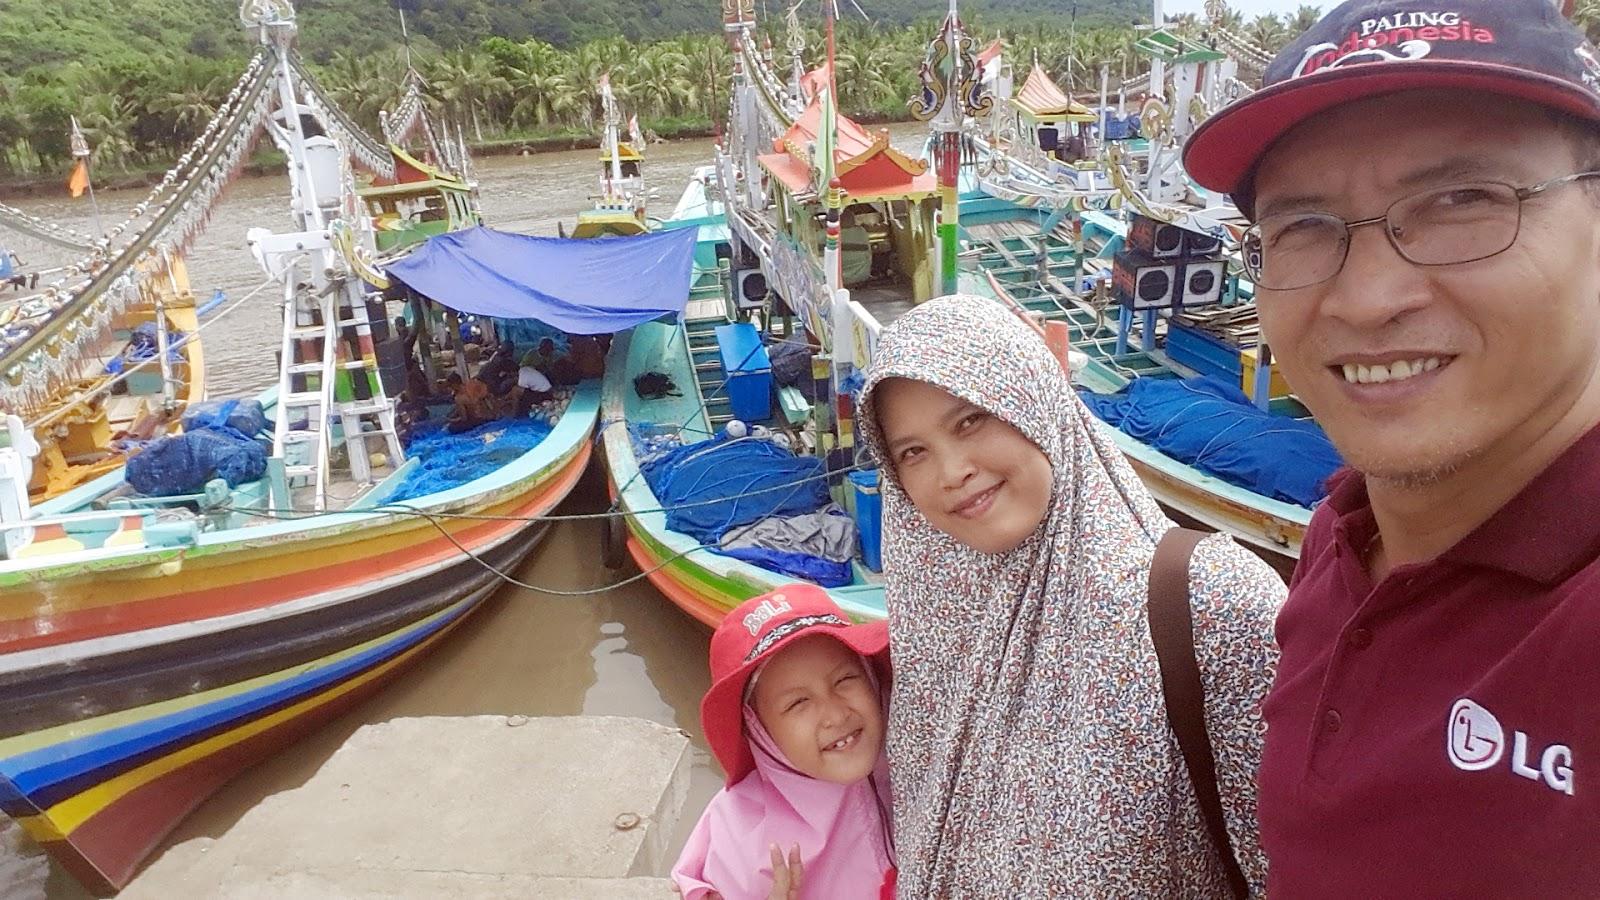 Firdaus Ubaidillah Pantai Nelayan Puger Kabupaten Jember Jawa Timur Terasi